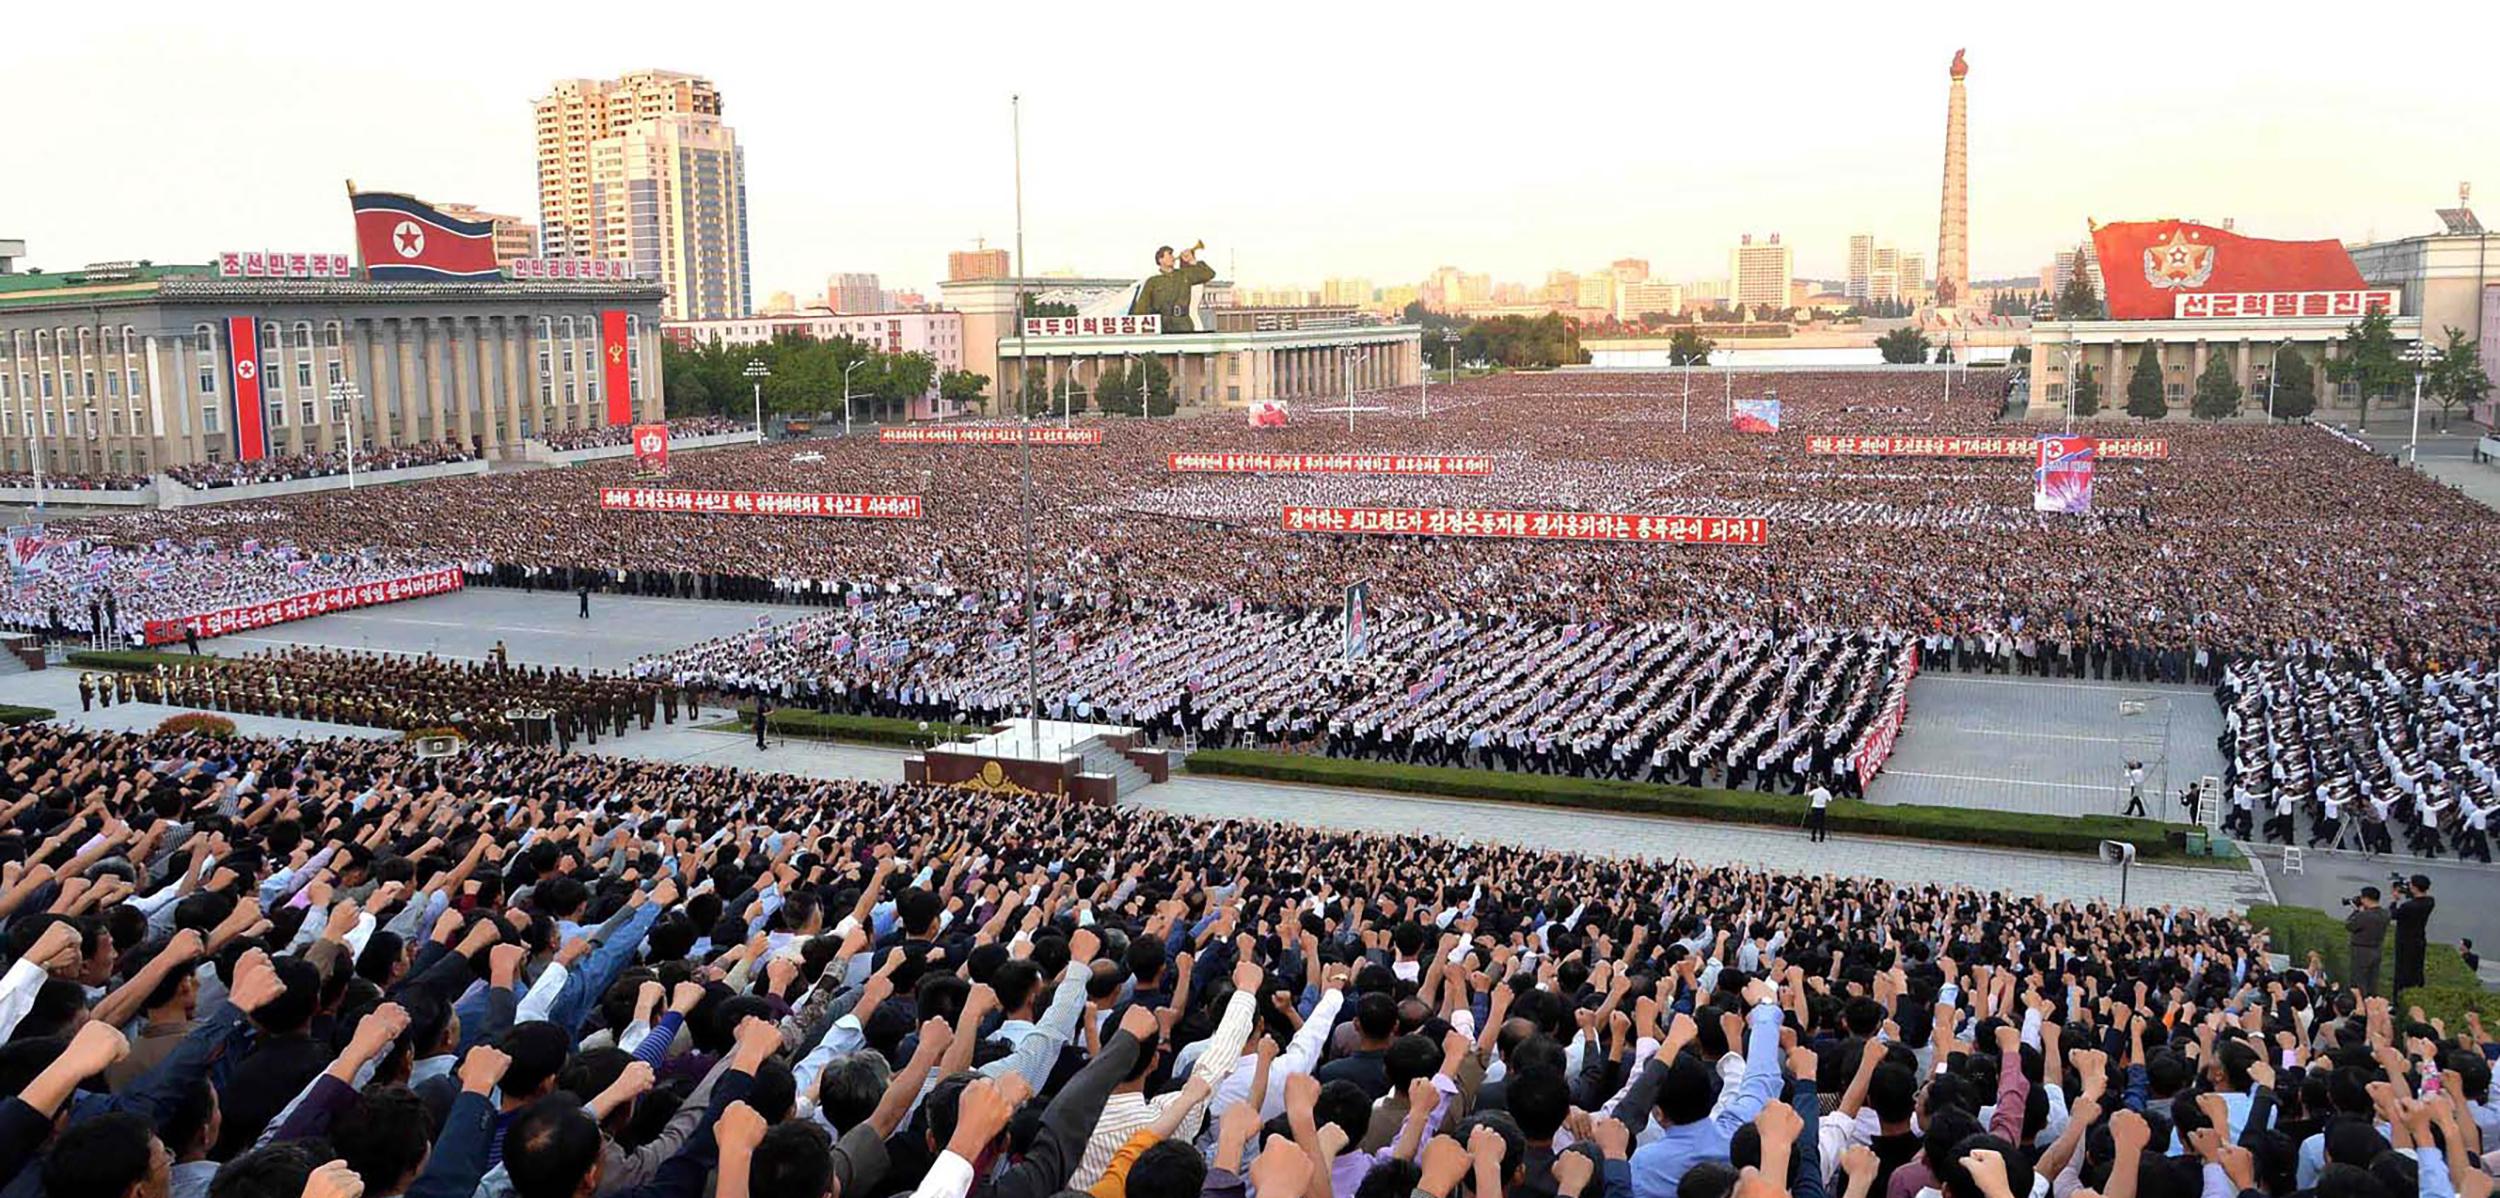 Az észak-koreai állampolgárok nem kaphatnak beutazási engedélyt az Egyesült Államokba